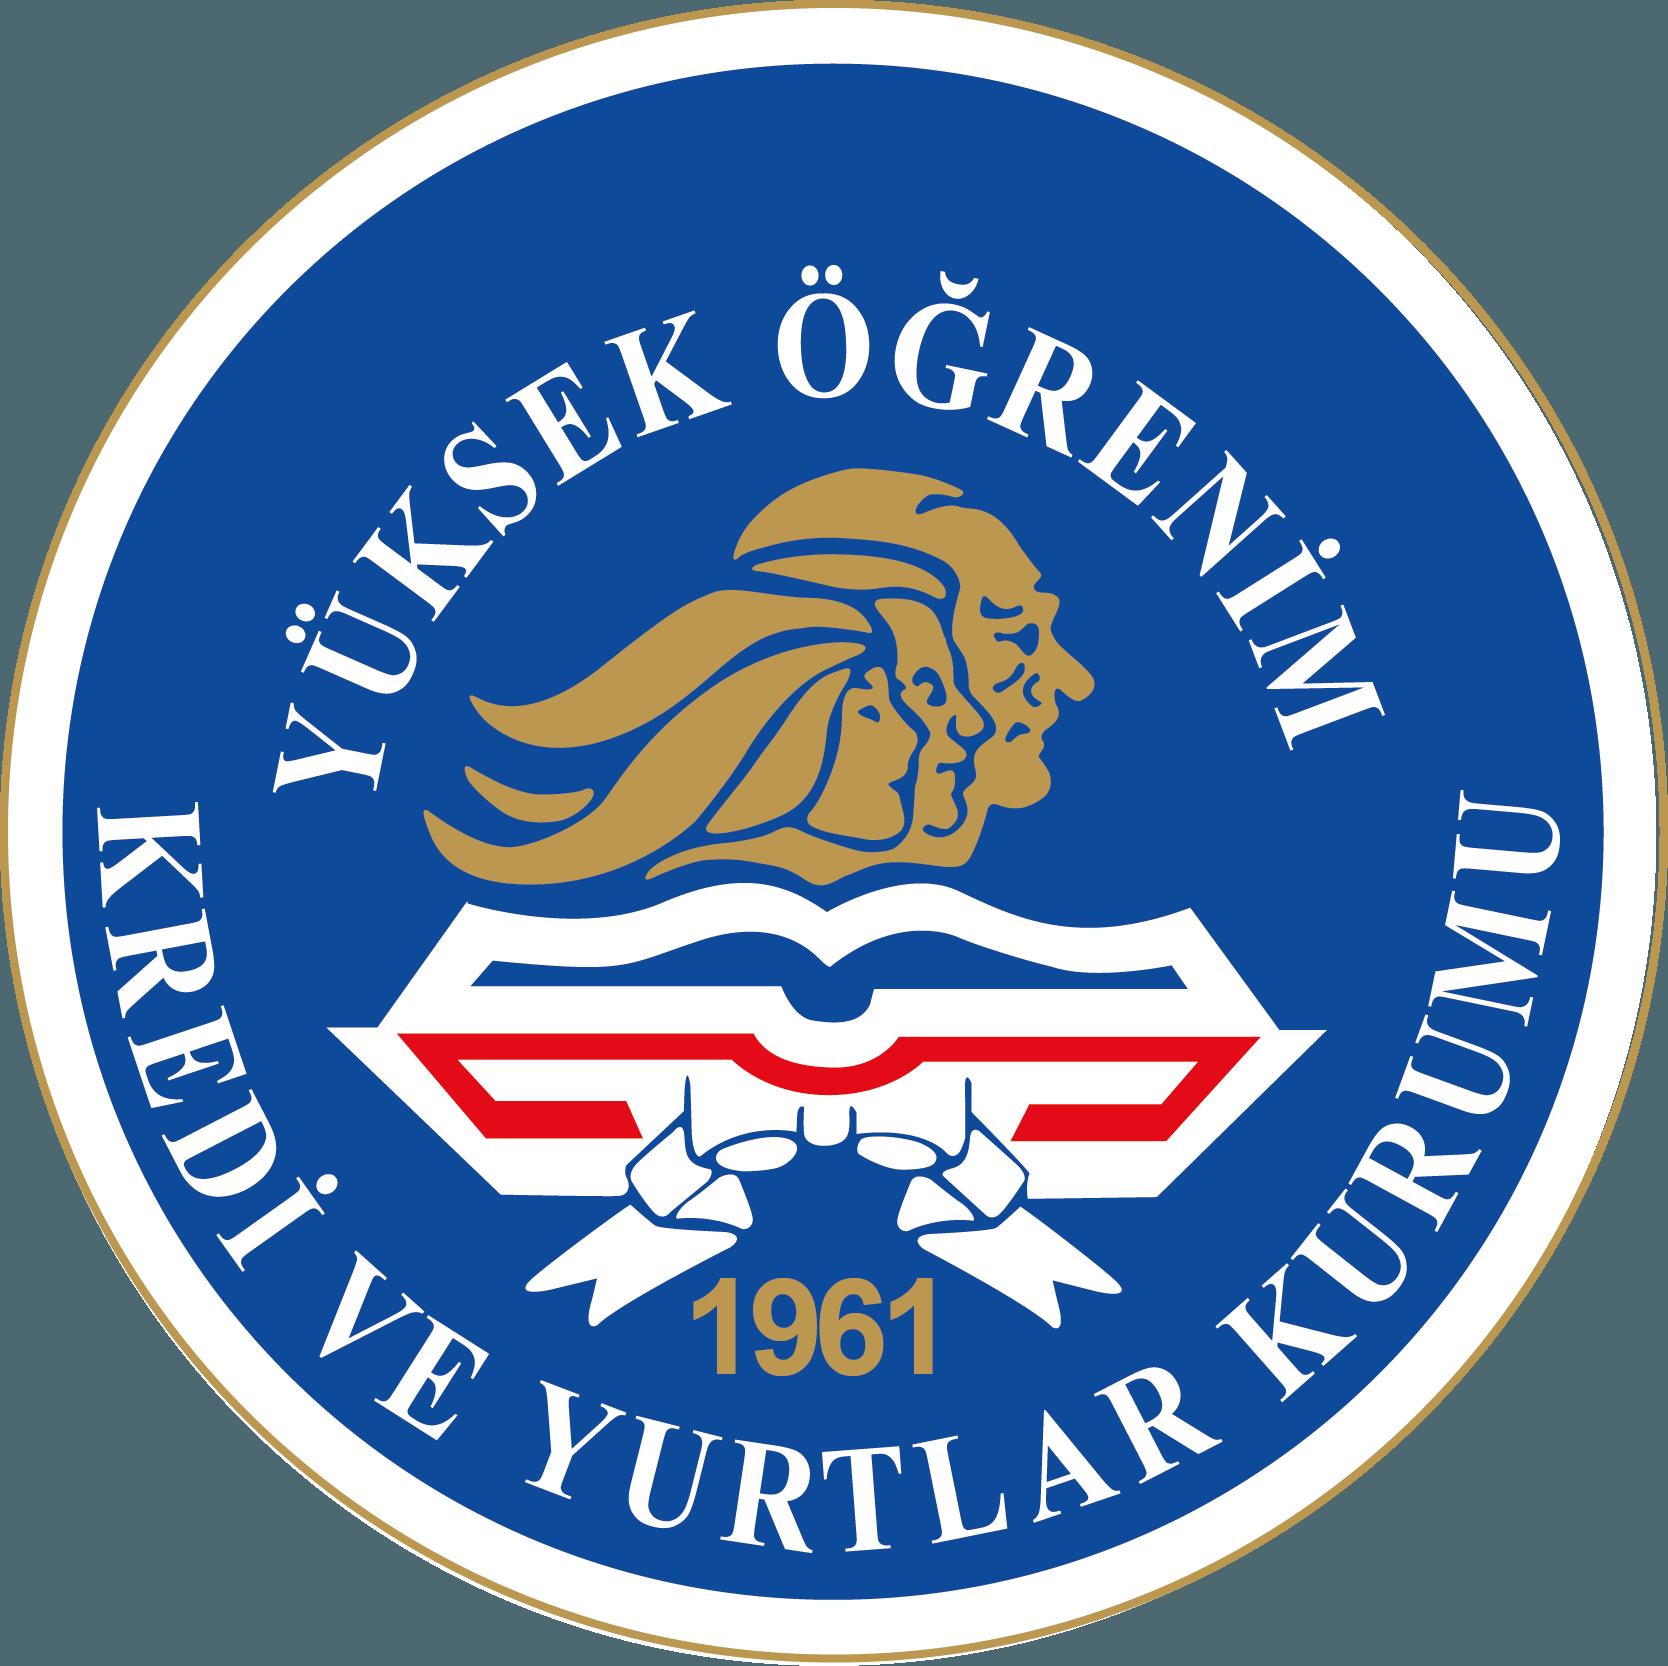 YURTKUR Logo – Yüksek Öğrenim Kredi ve Yurtlar Kurumu Vektörel Logosu [kyk.gov.tr] png